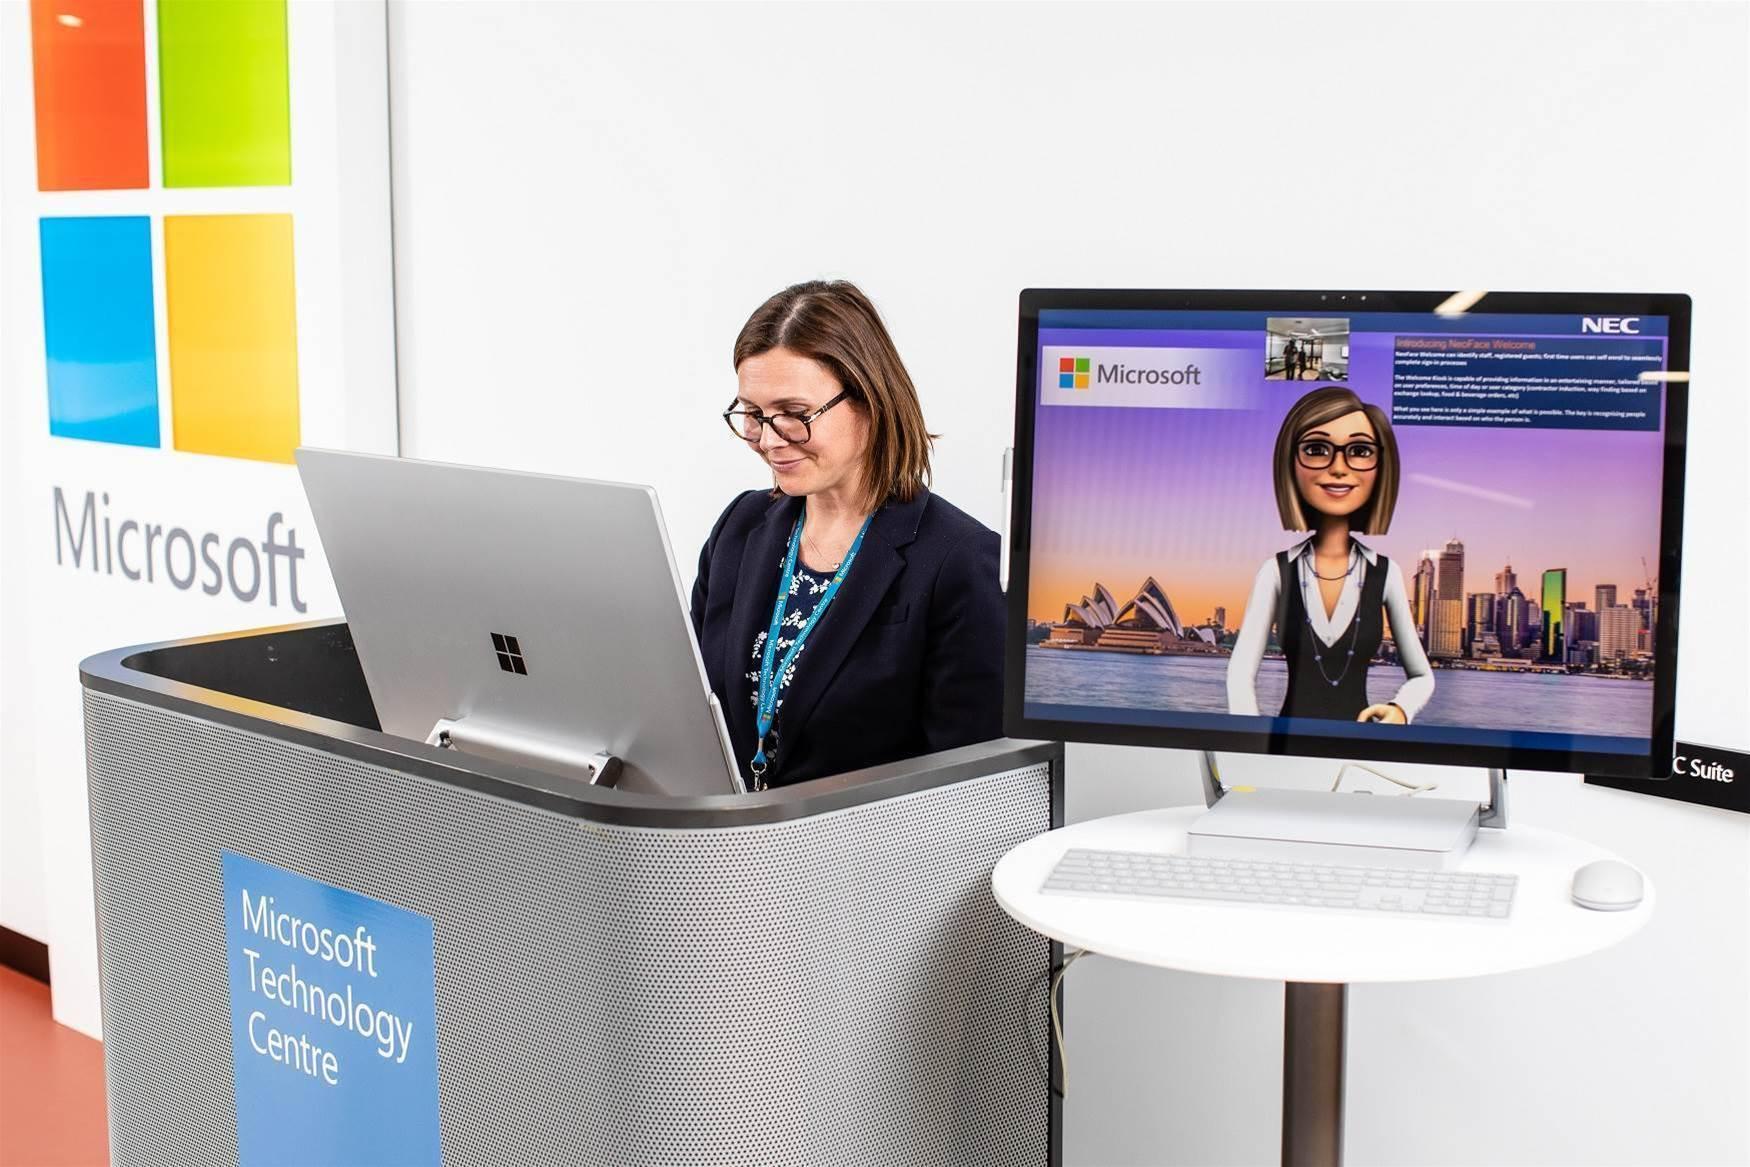 Inside Microsoft's new technology centre in Sydney CBD